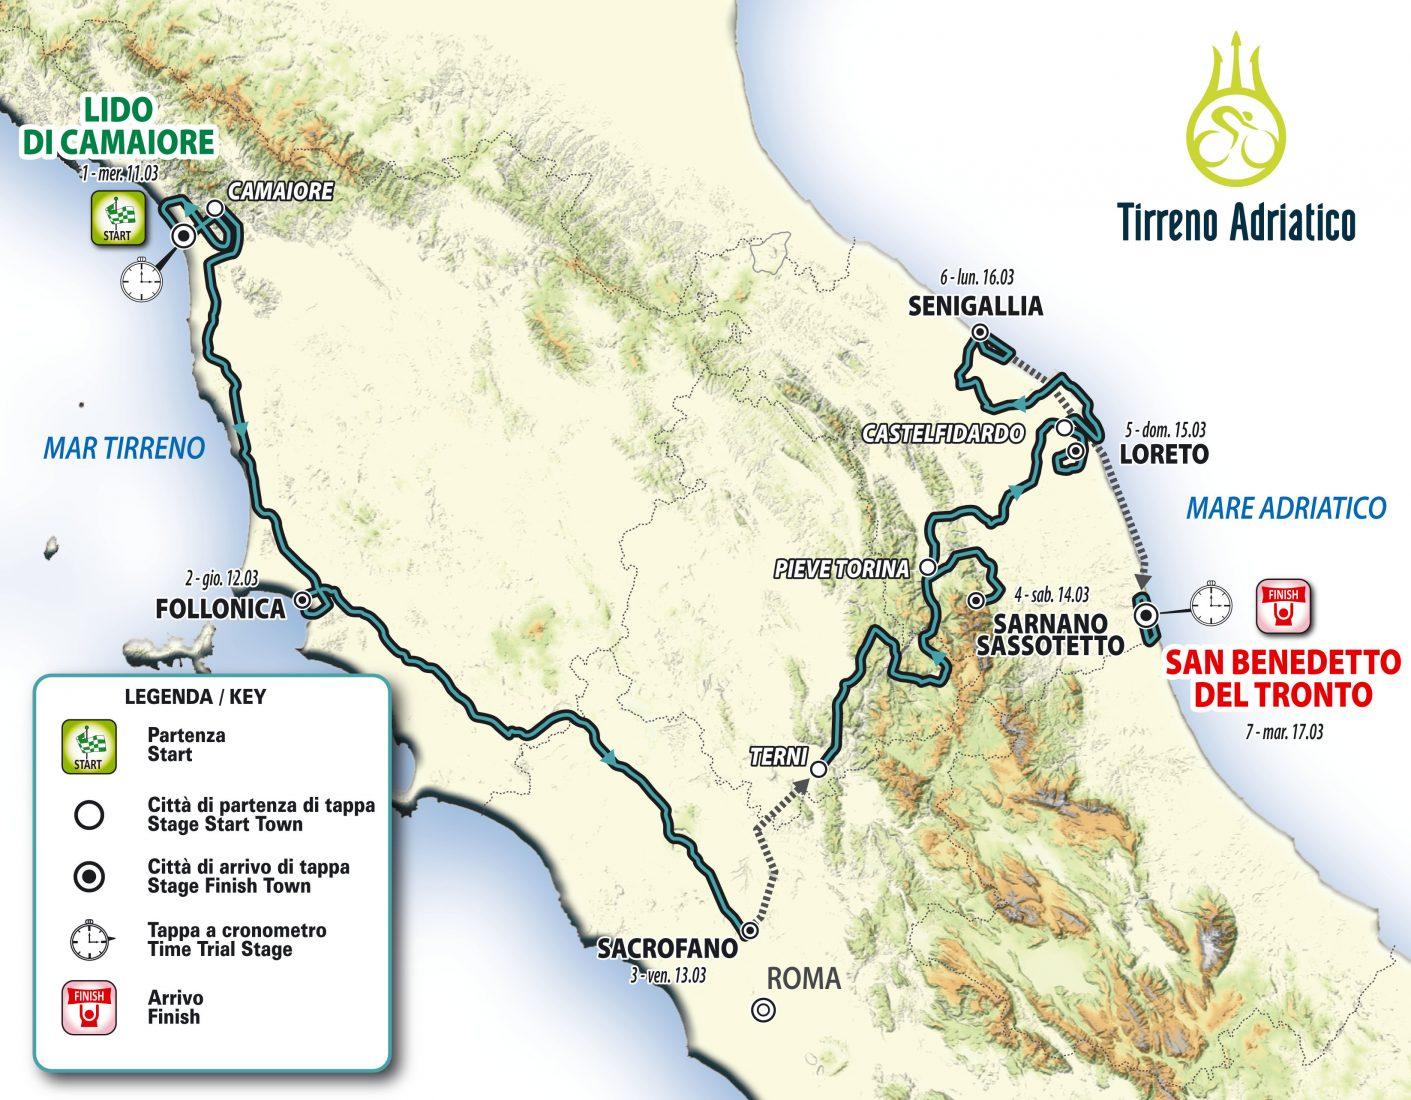 55^ Tirreno-Adriatico, ritorna l'arrivo in salita e niente cronosquadre